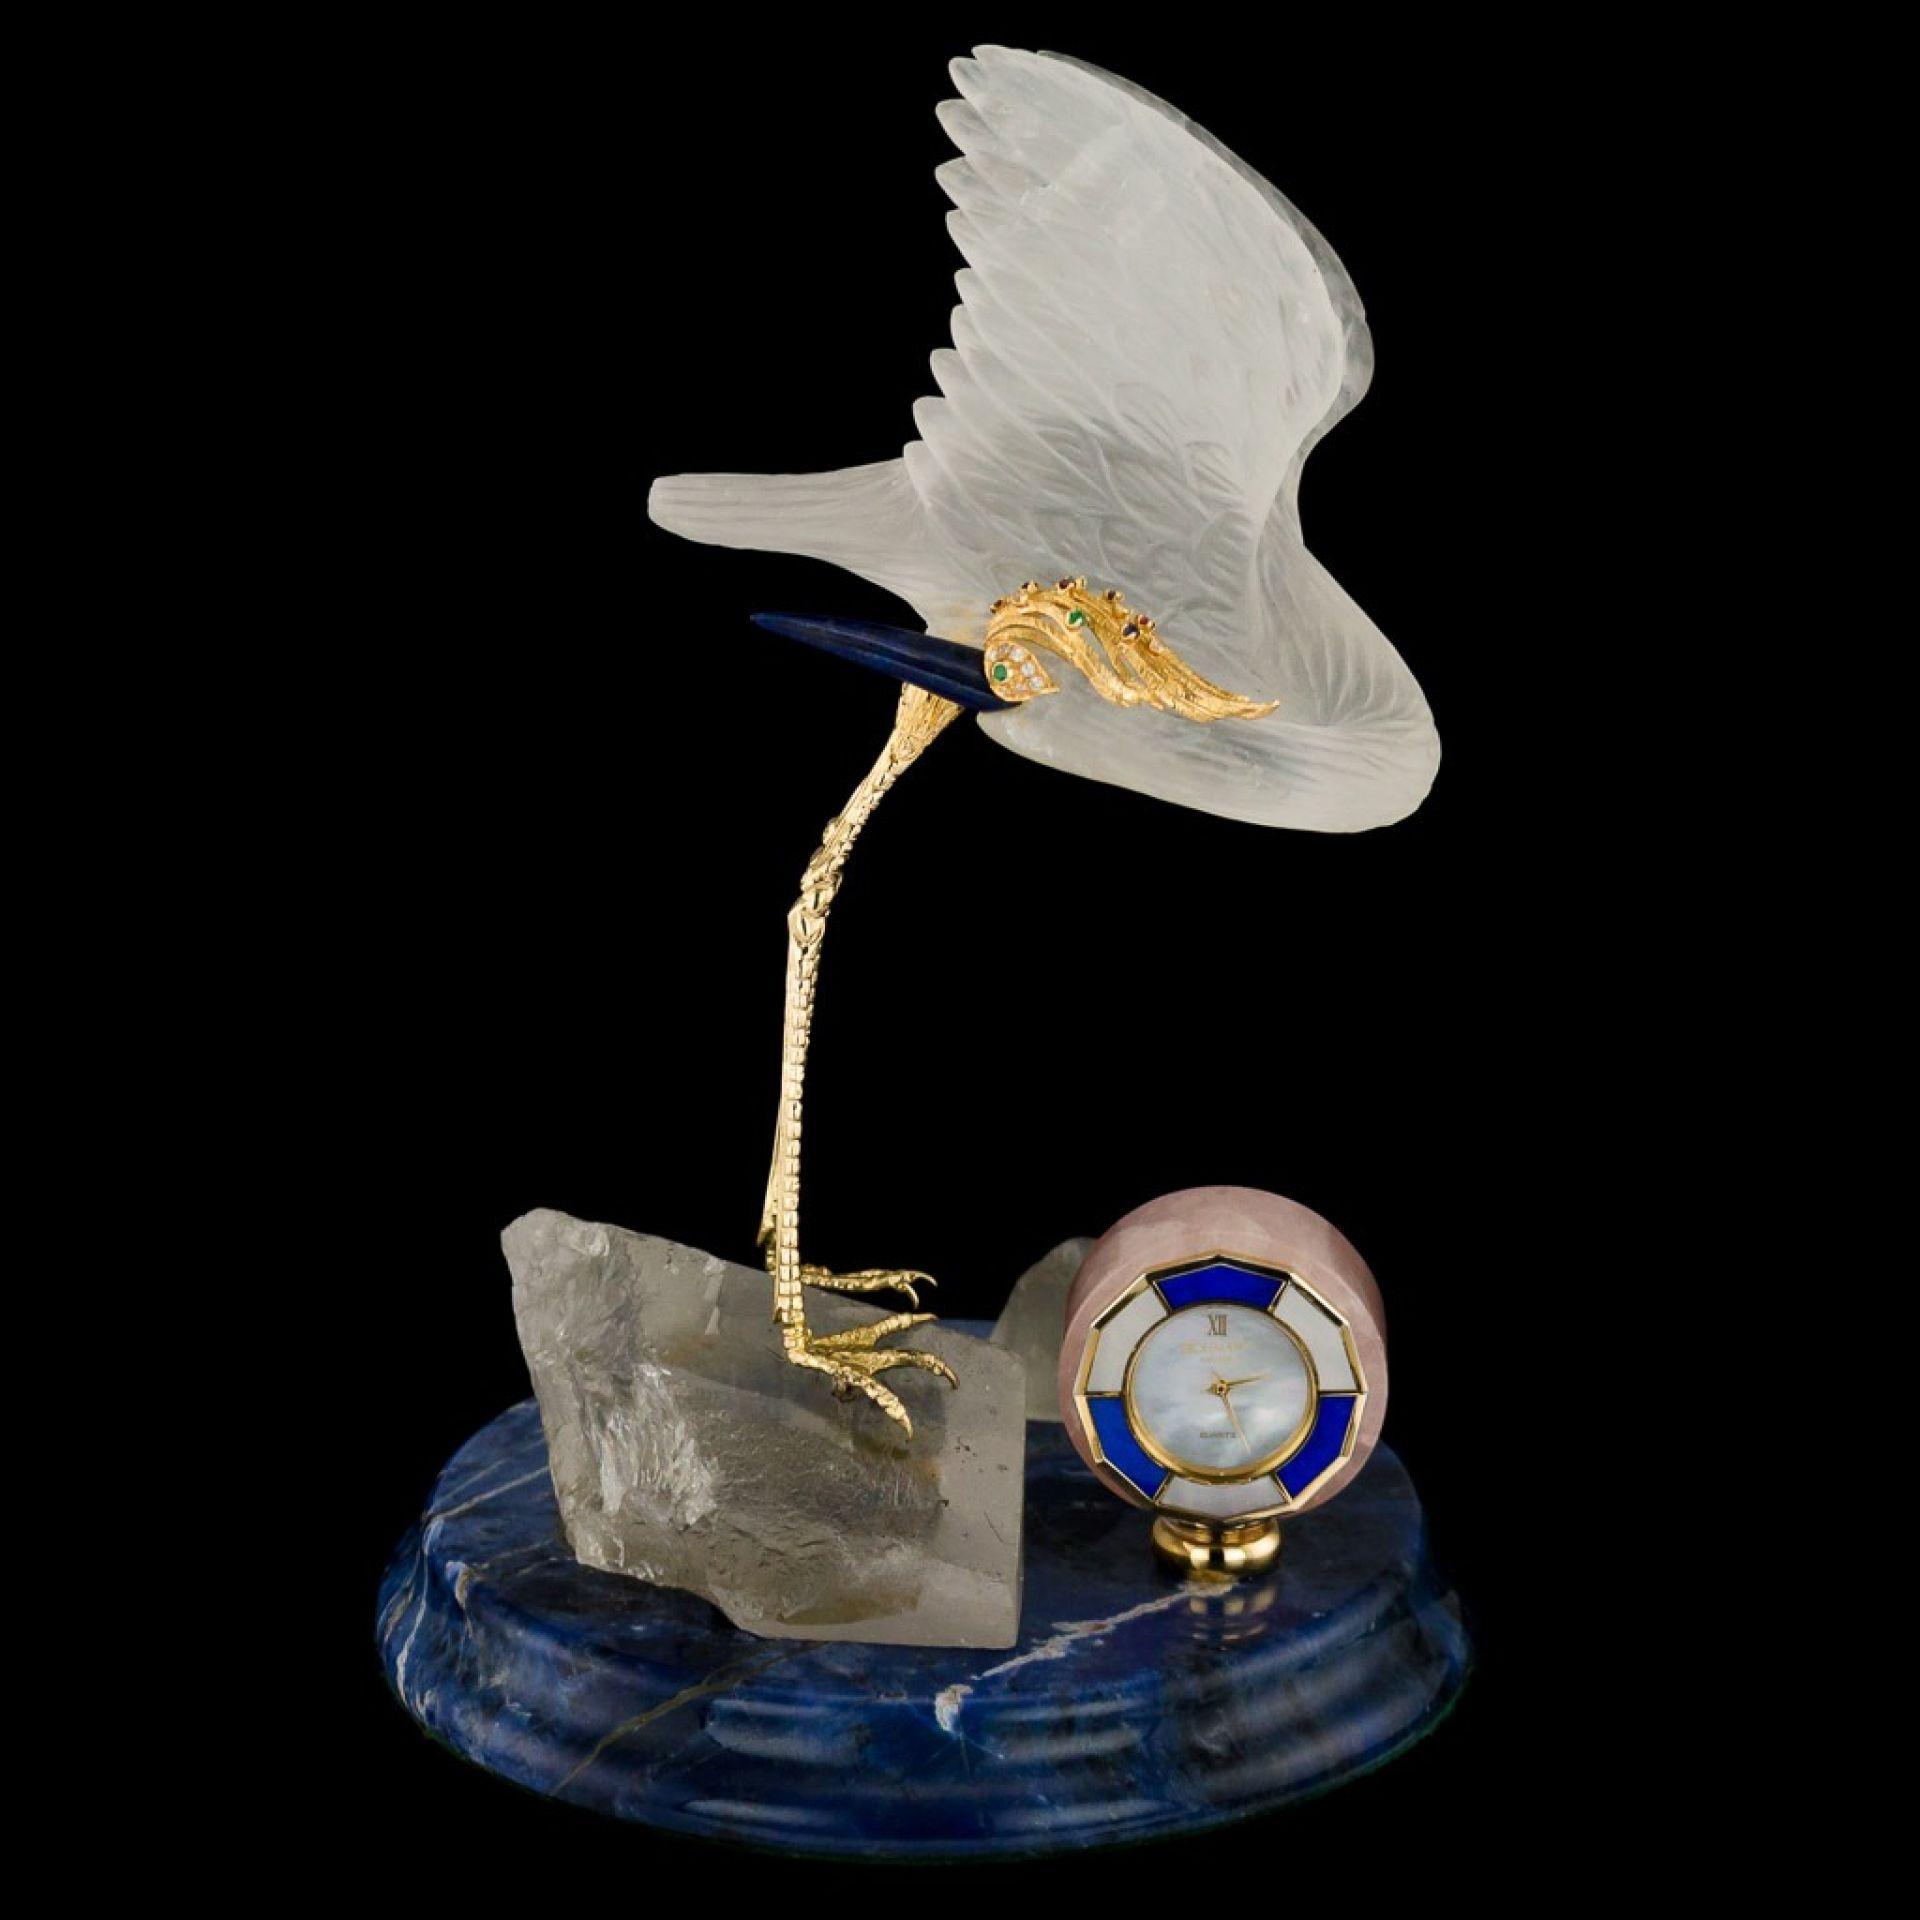 FROHMANN 20thC 18K GOLD, ROCK CRYSTAL, GEM BIRD STATUE & CLOCK c.1980